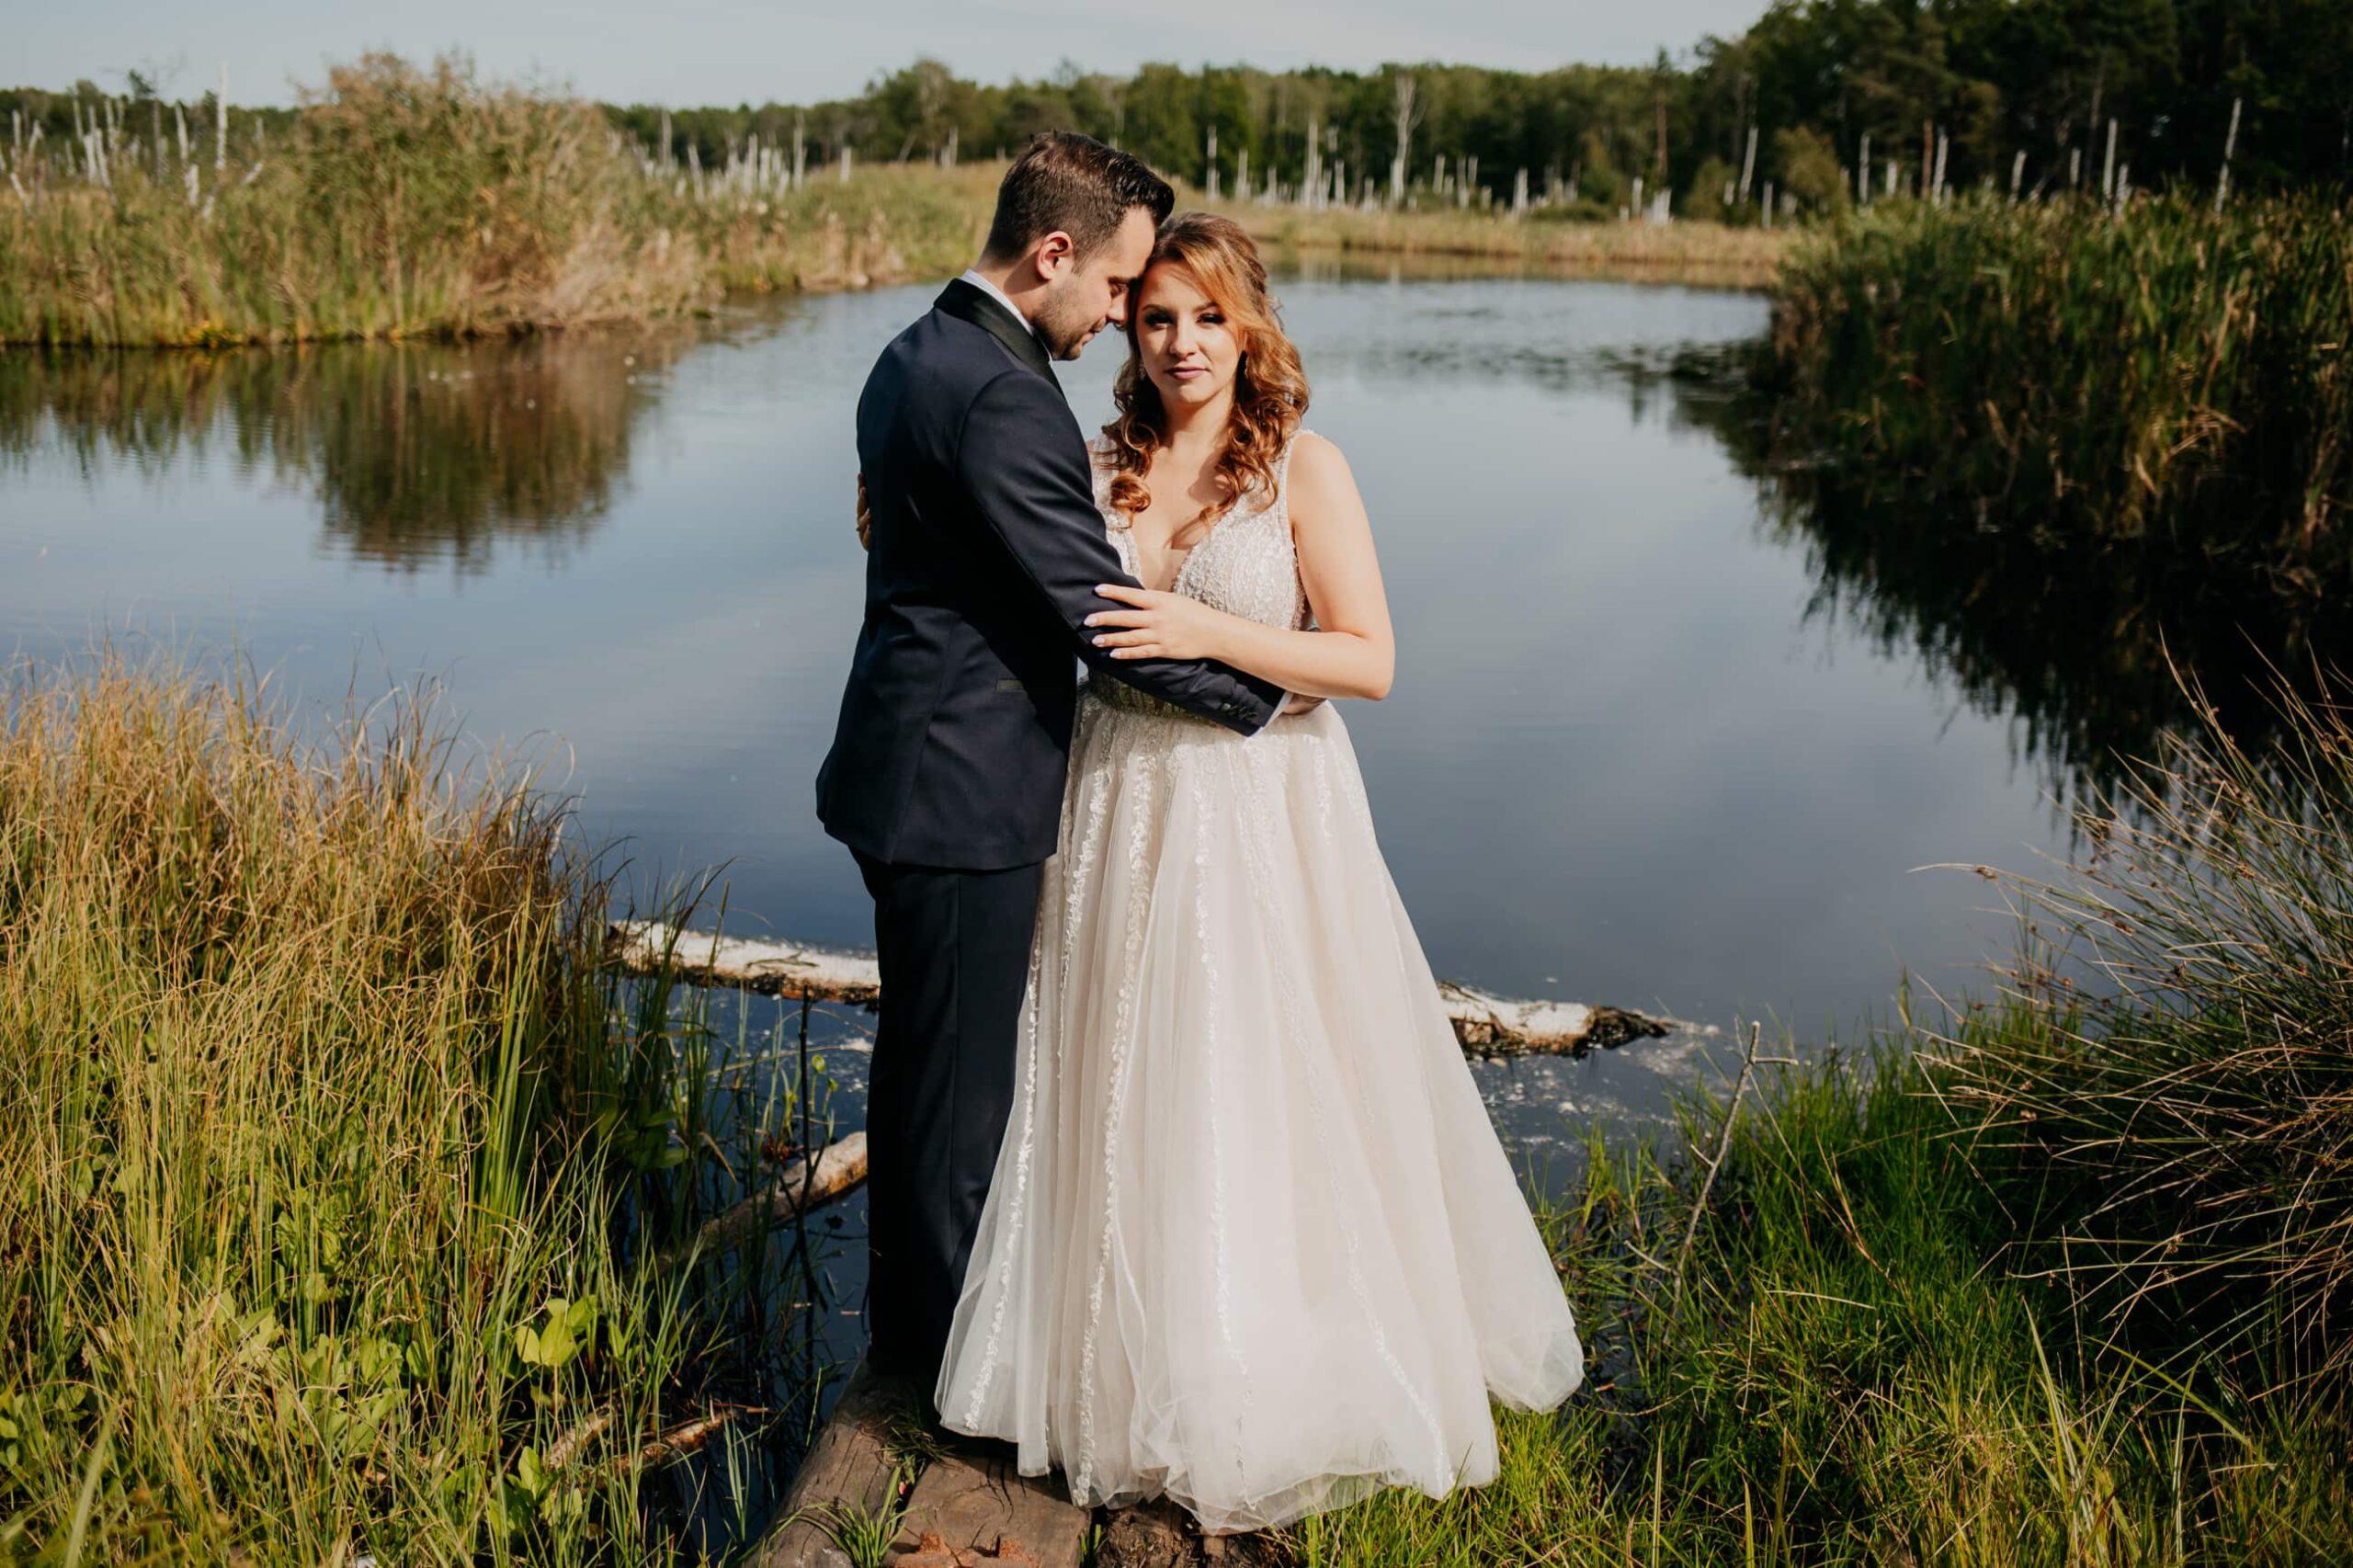 Bagno Jacka Sesja ślubna